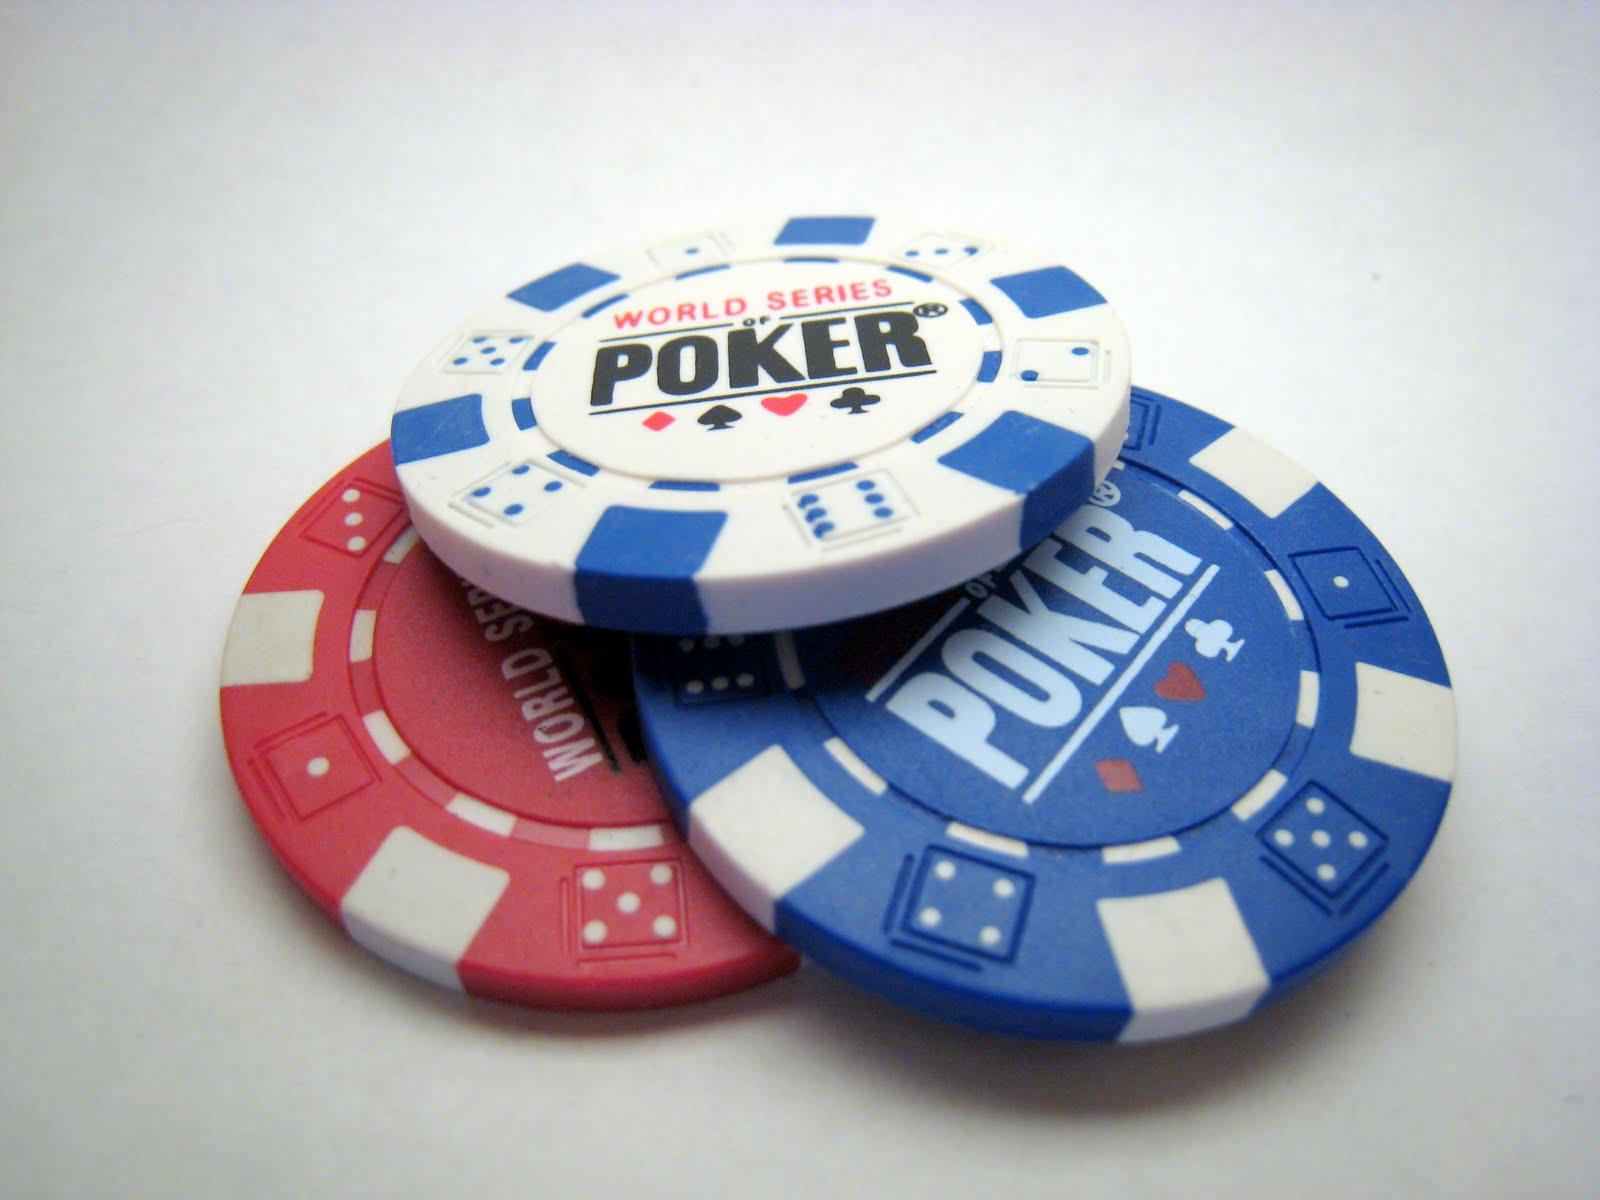 http://1.bp.blogspot.com/-loUkkAWfwlo/Tfa9vPd-BuI/AAAAAAAAAJM/IE2NLqoBAg0/s1600/poker_5.jpg